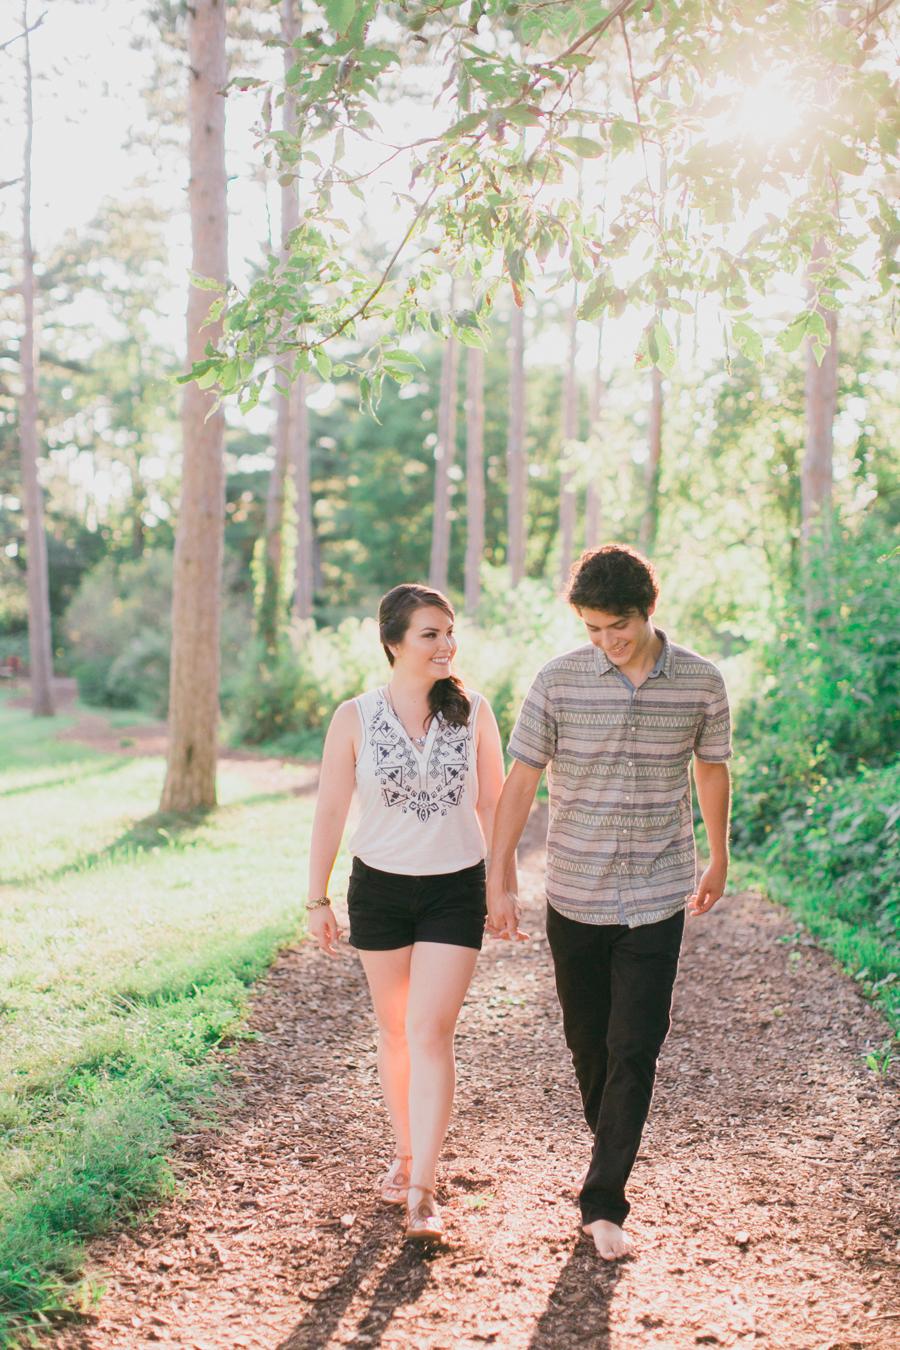 morton-arboretum-engagement-photos007